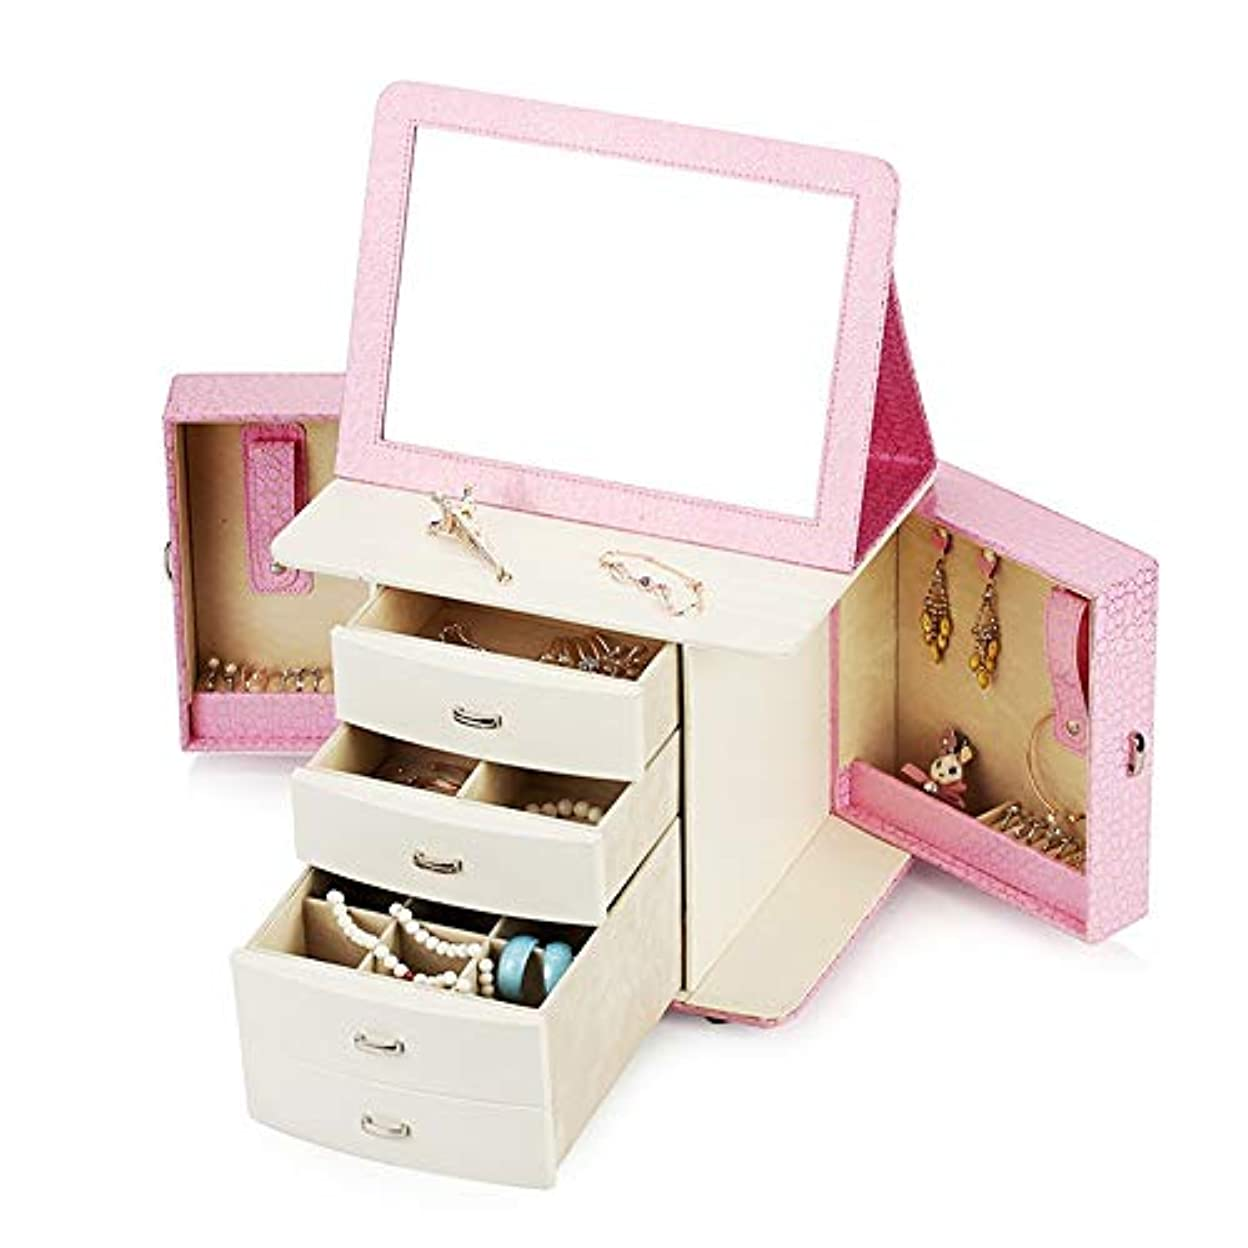 植物の容量利用可能化粧オーガナイザーバッグ 女性用ジュエリー収納ボックス小物収納用多層引き出し付 化粧品ケース